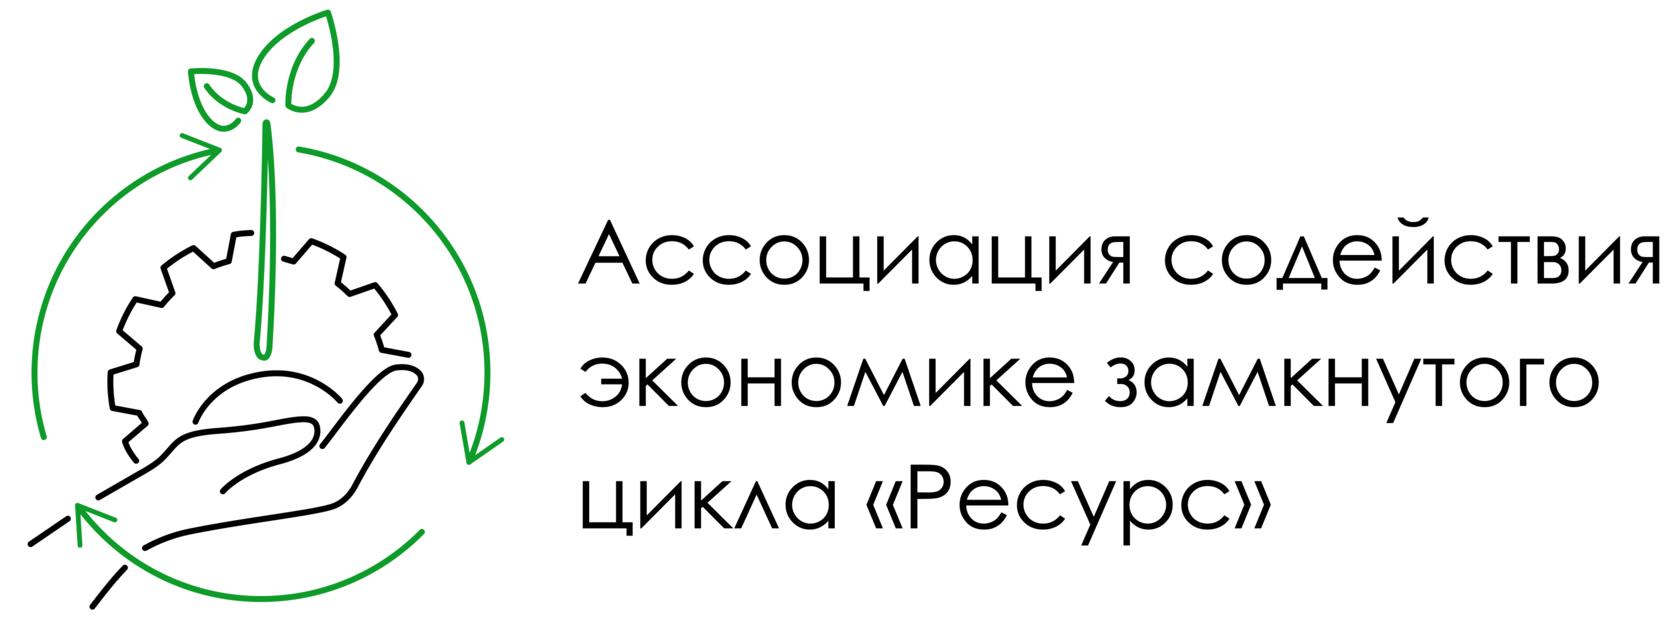 Ассоциация «Ресурс»